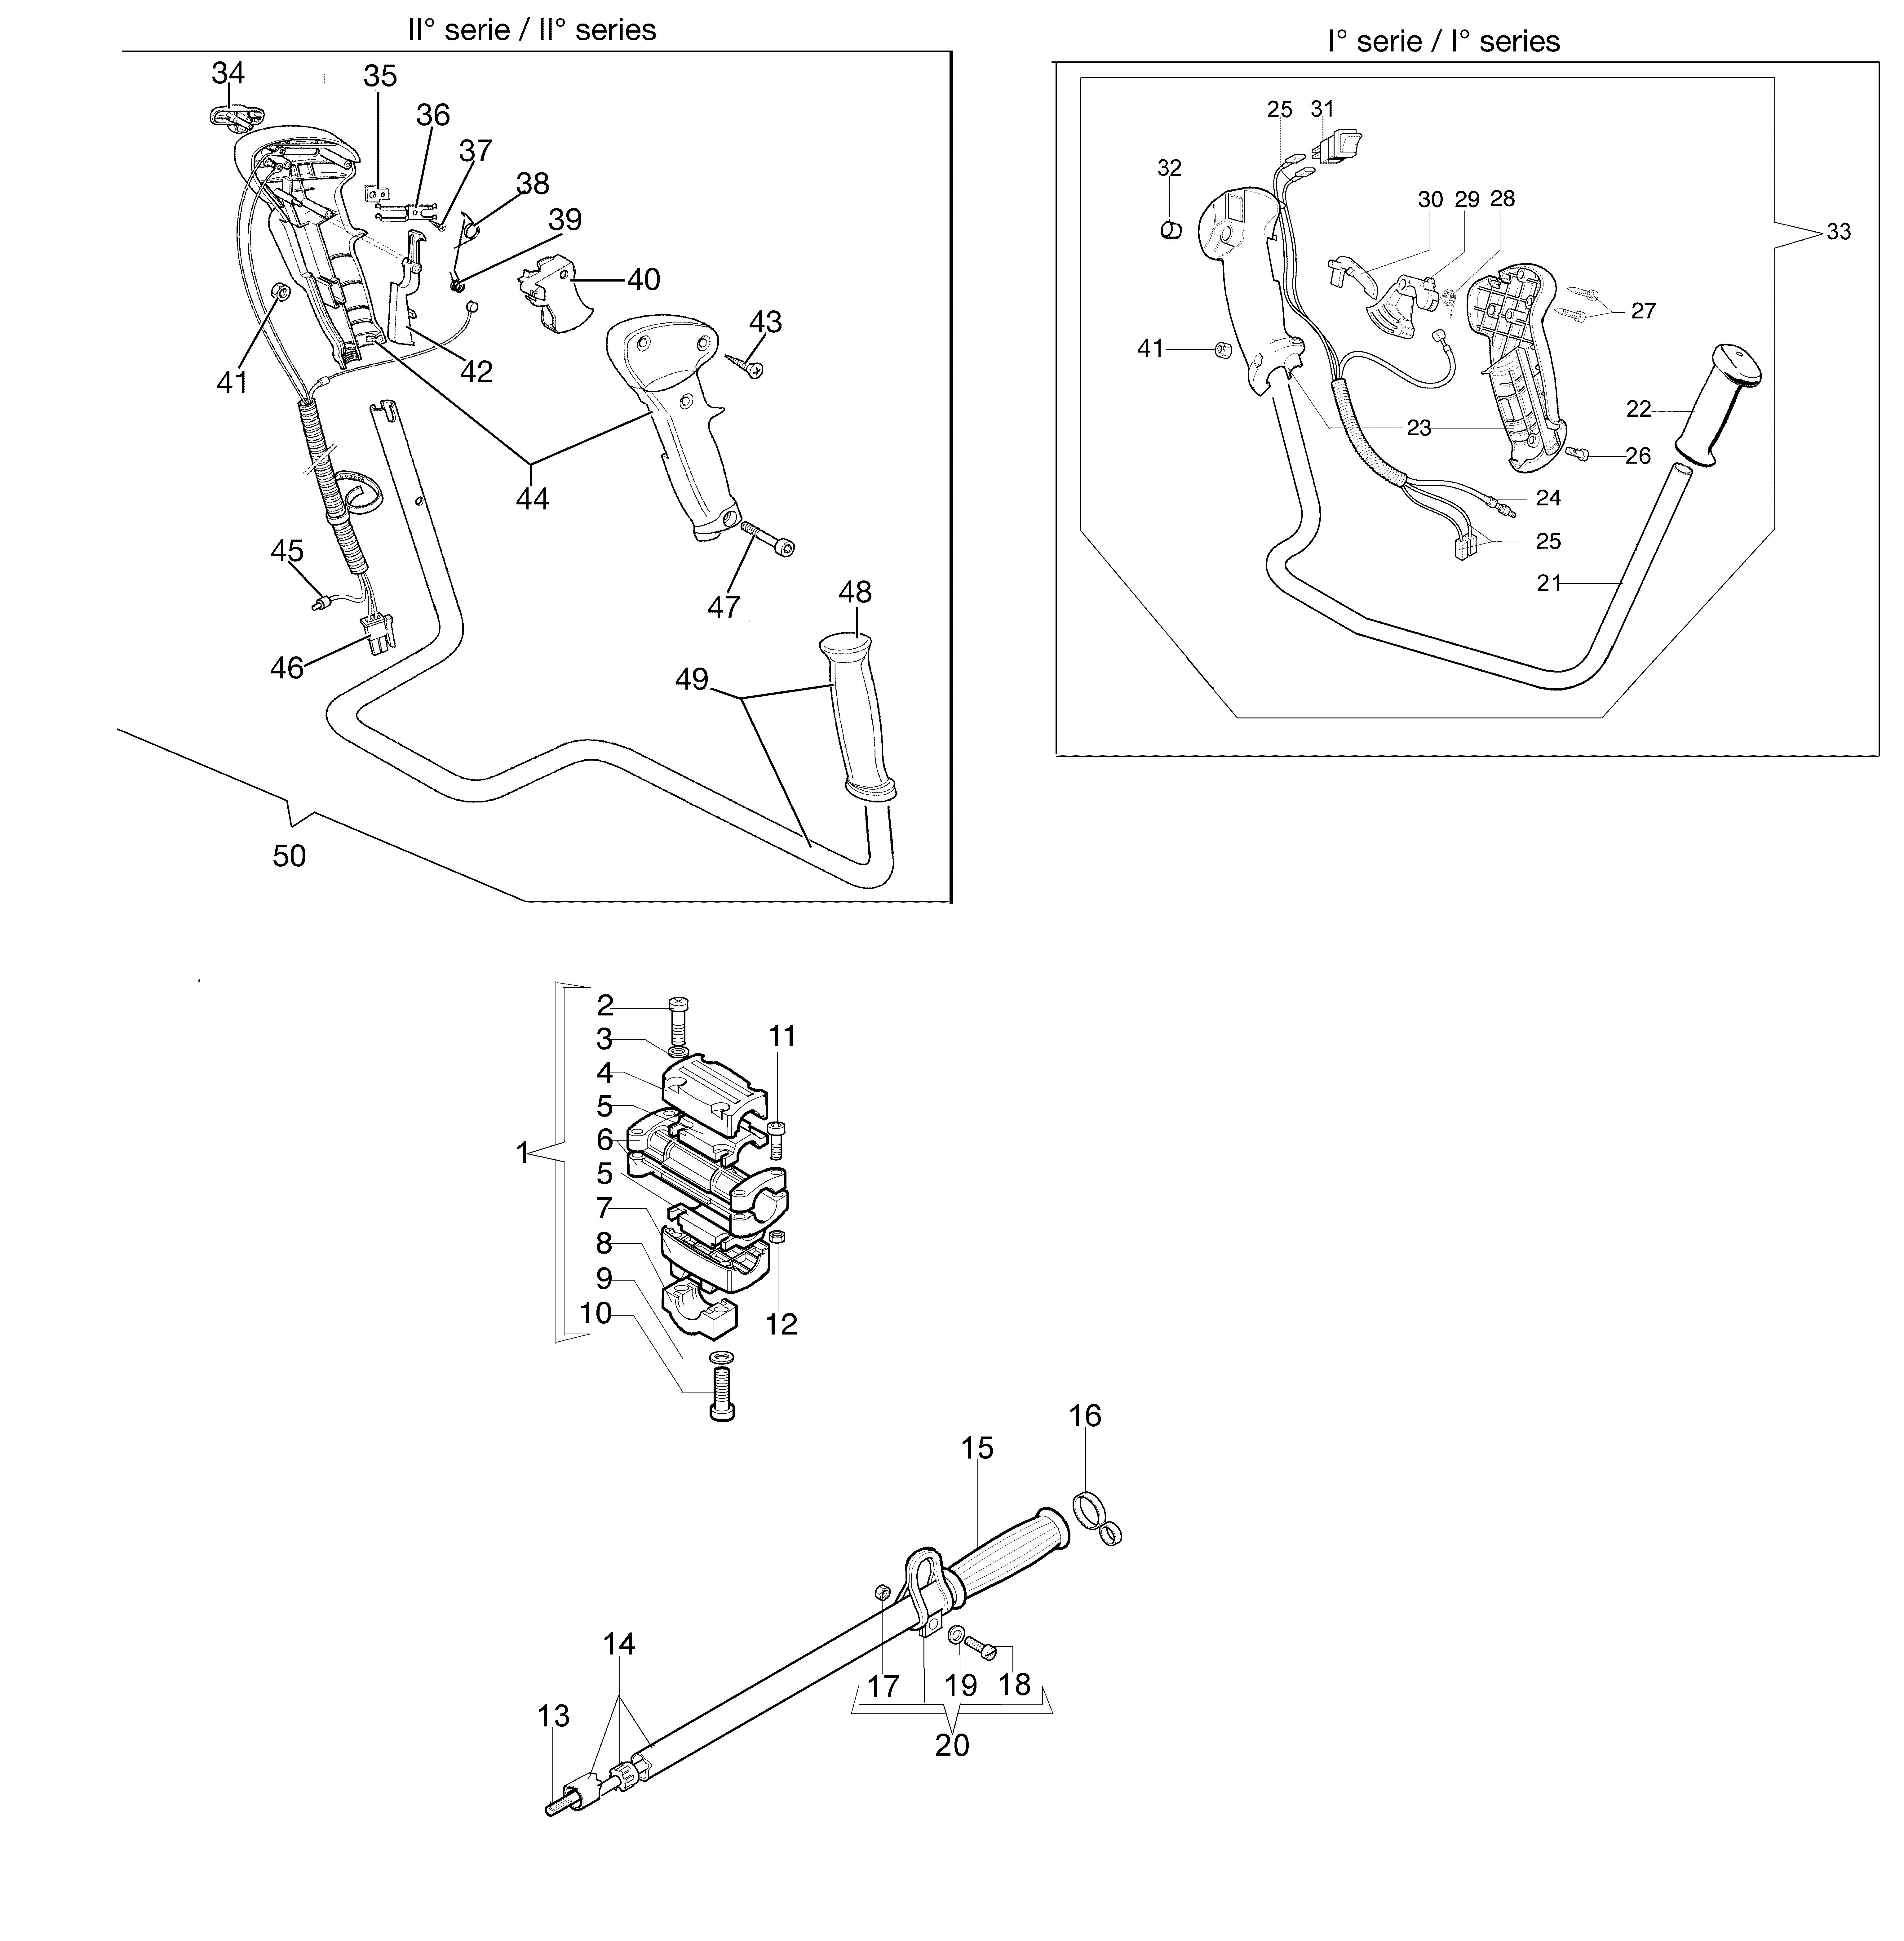 746 T Débroussailleuse oleomac Dessins pièces vue éclatée Transmission